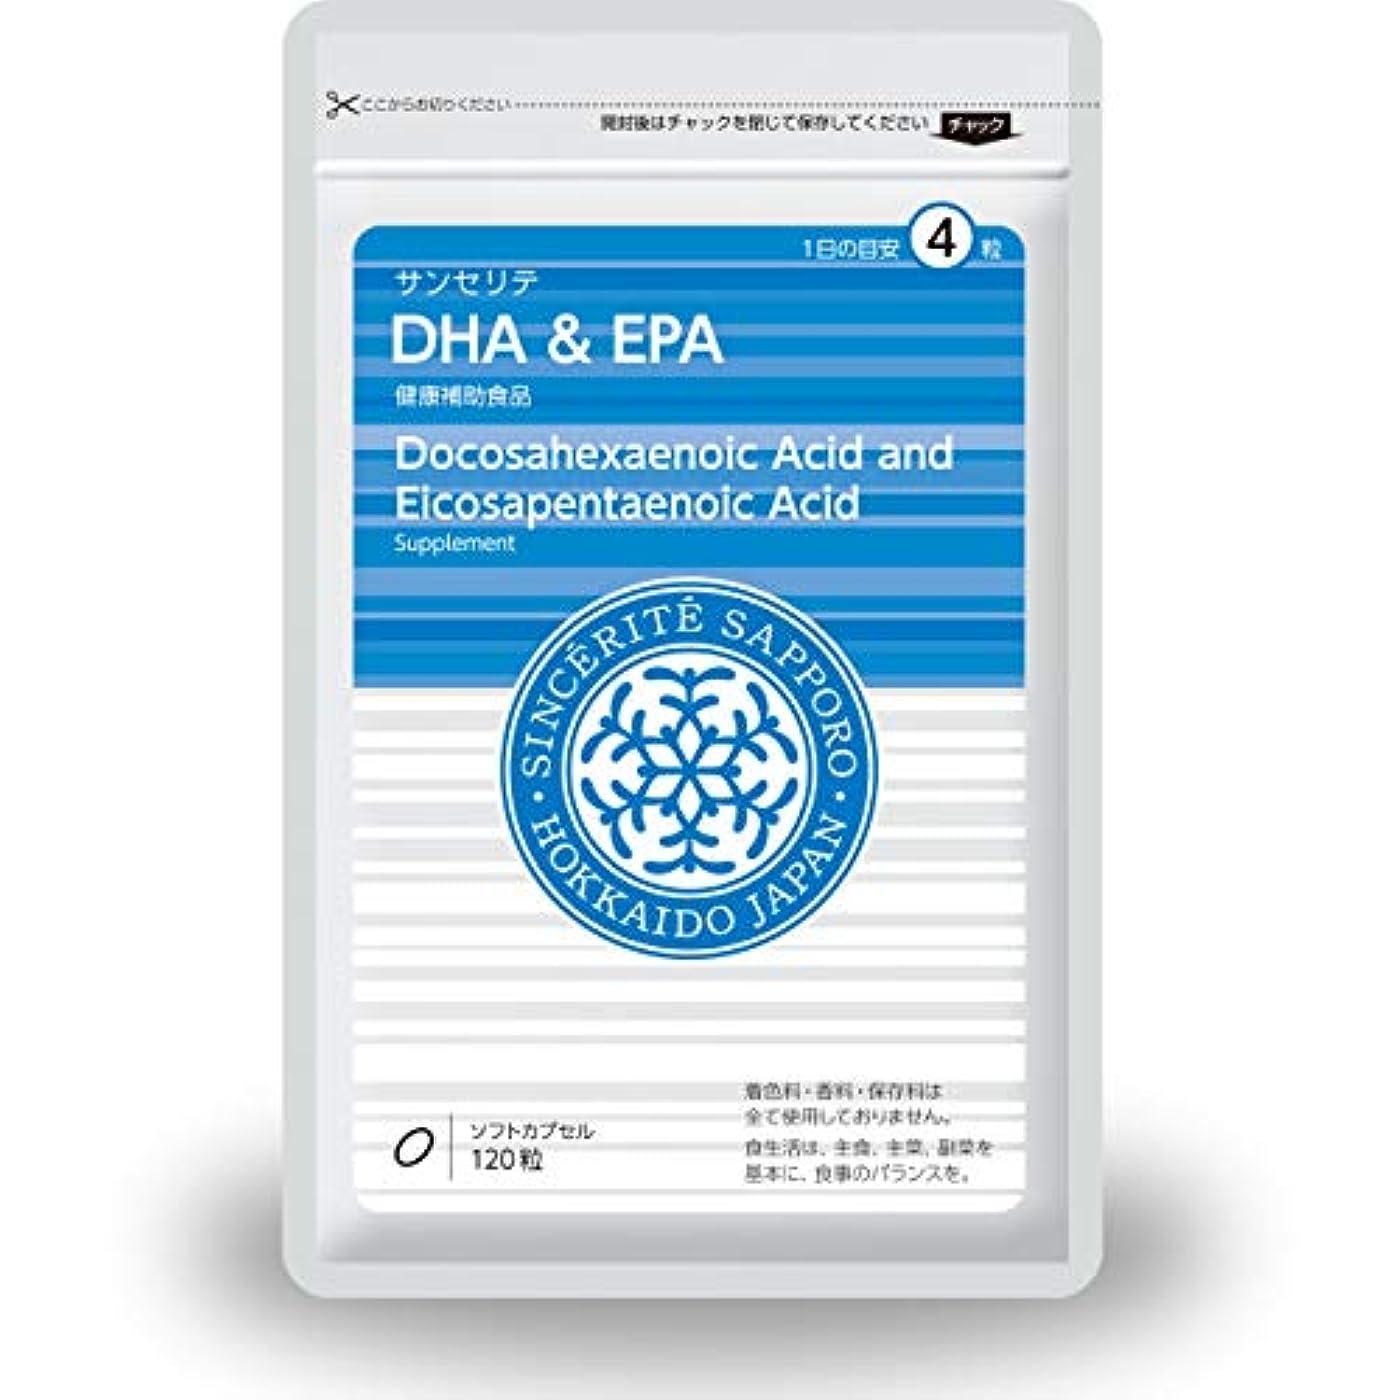 光電覗くオーバーコートDHA&EPA[送料無料][DHA]433mg配合[国内製造]しっかり30日分